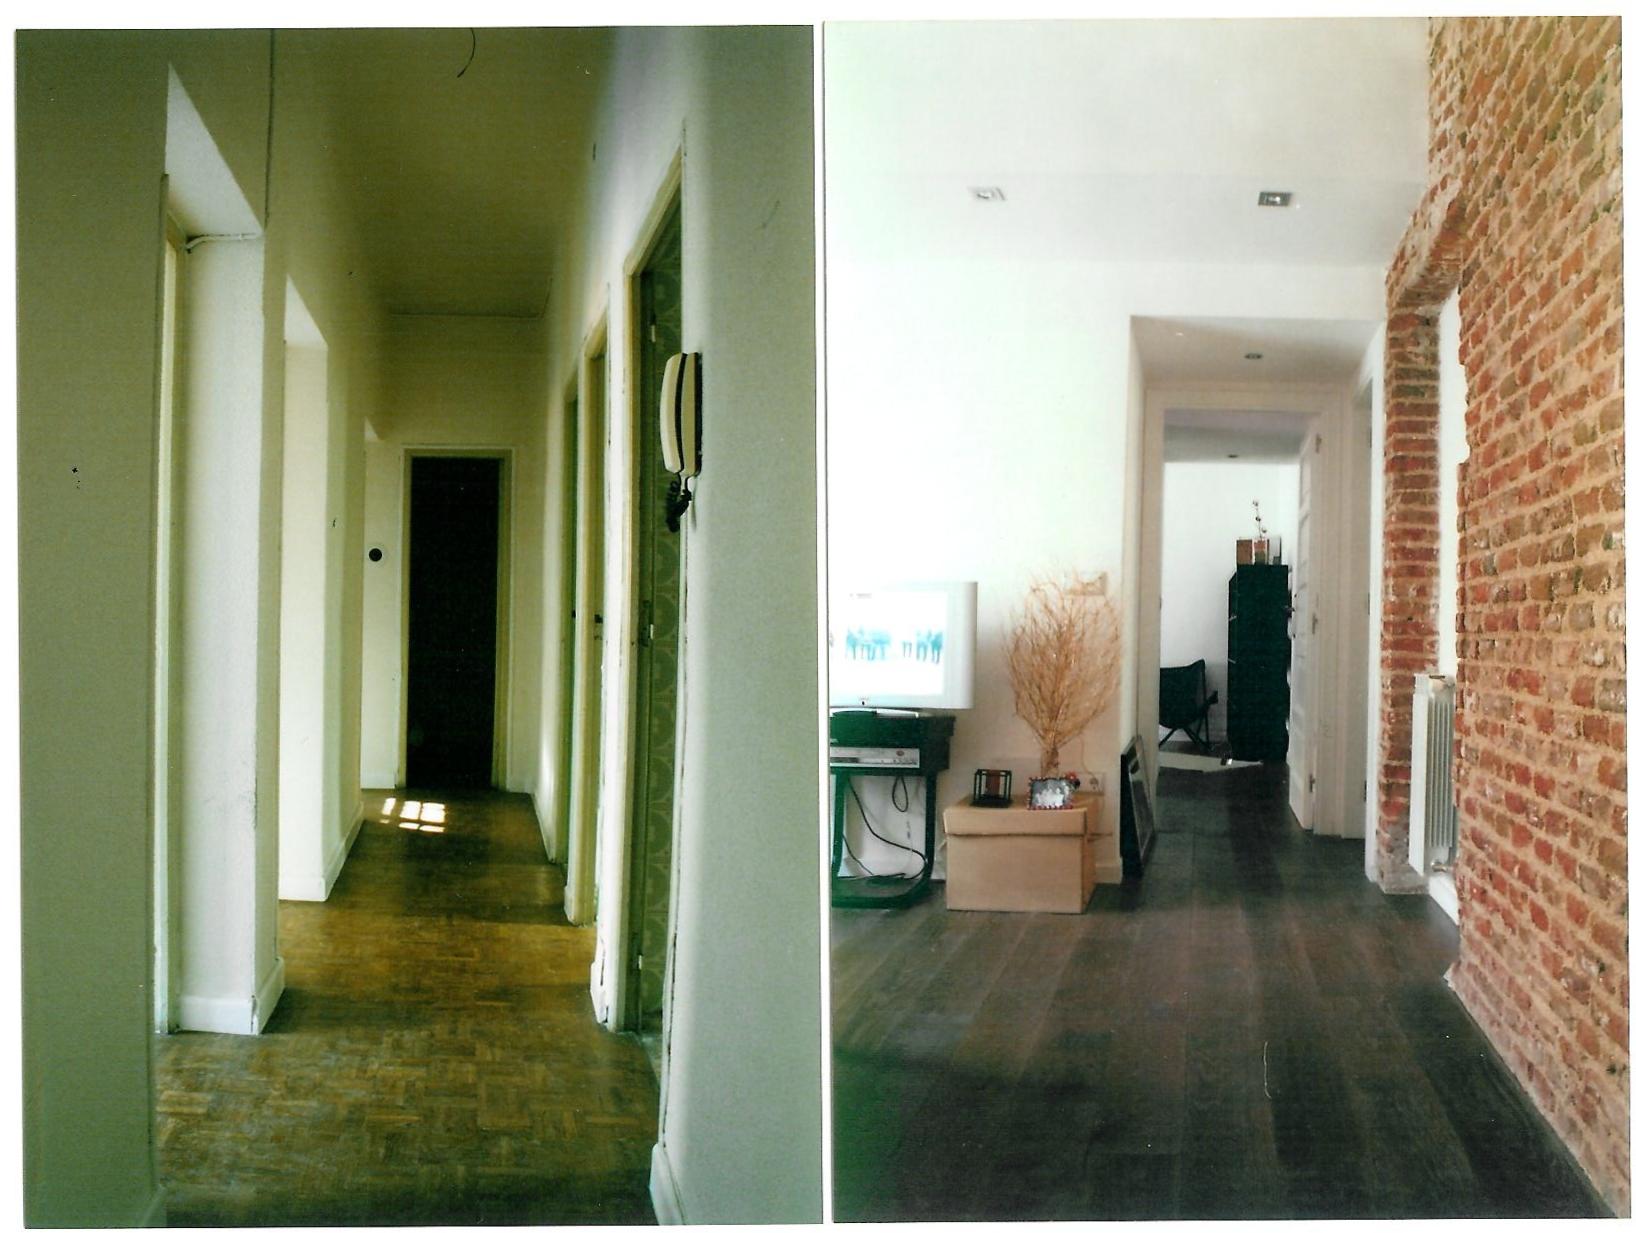 Fotos de casas reformadas antes y despues de adelgazar